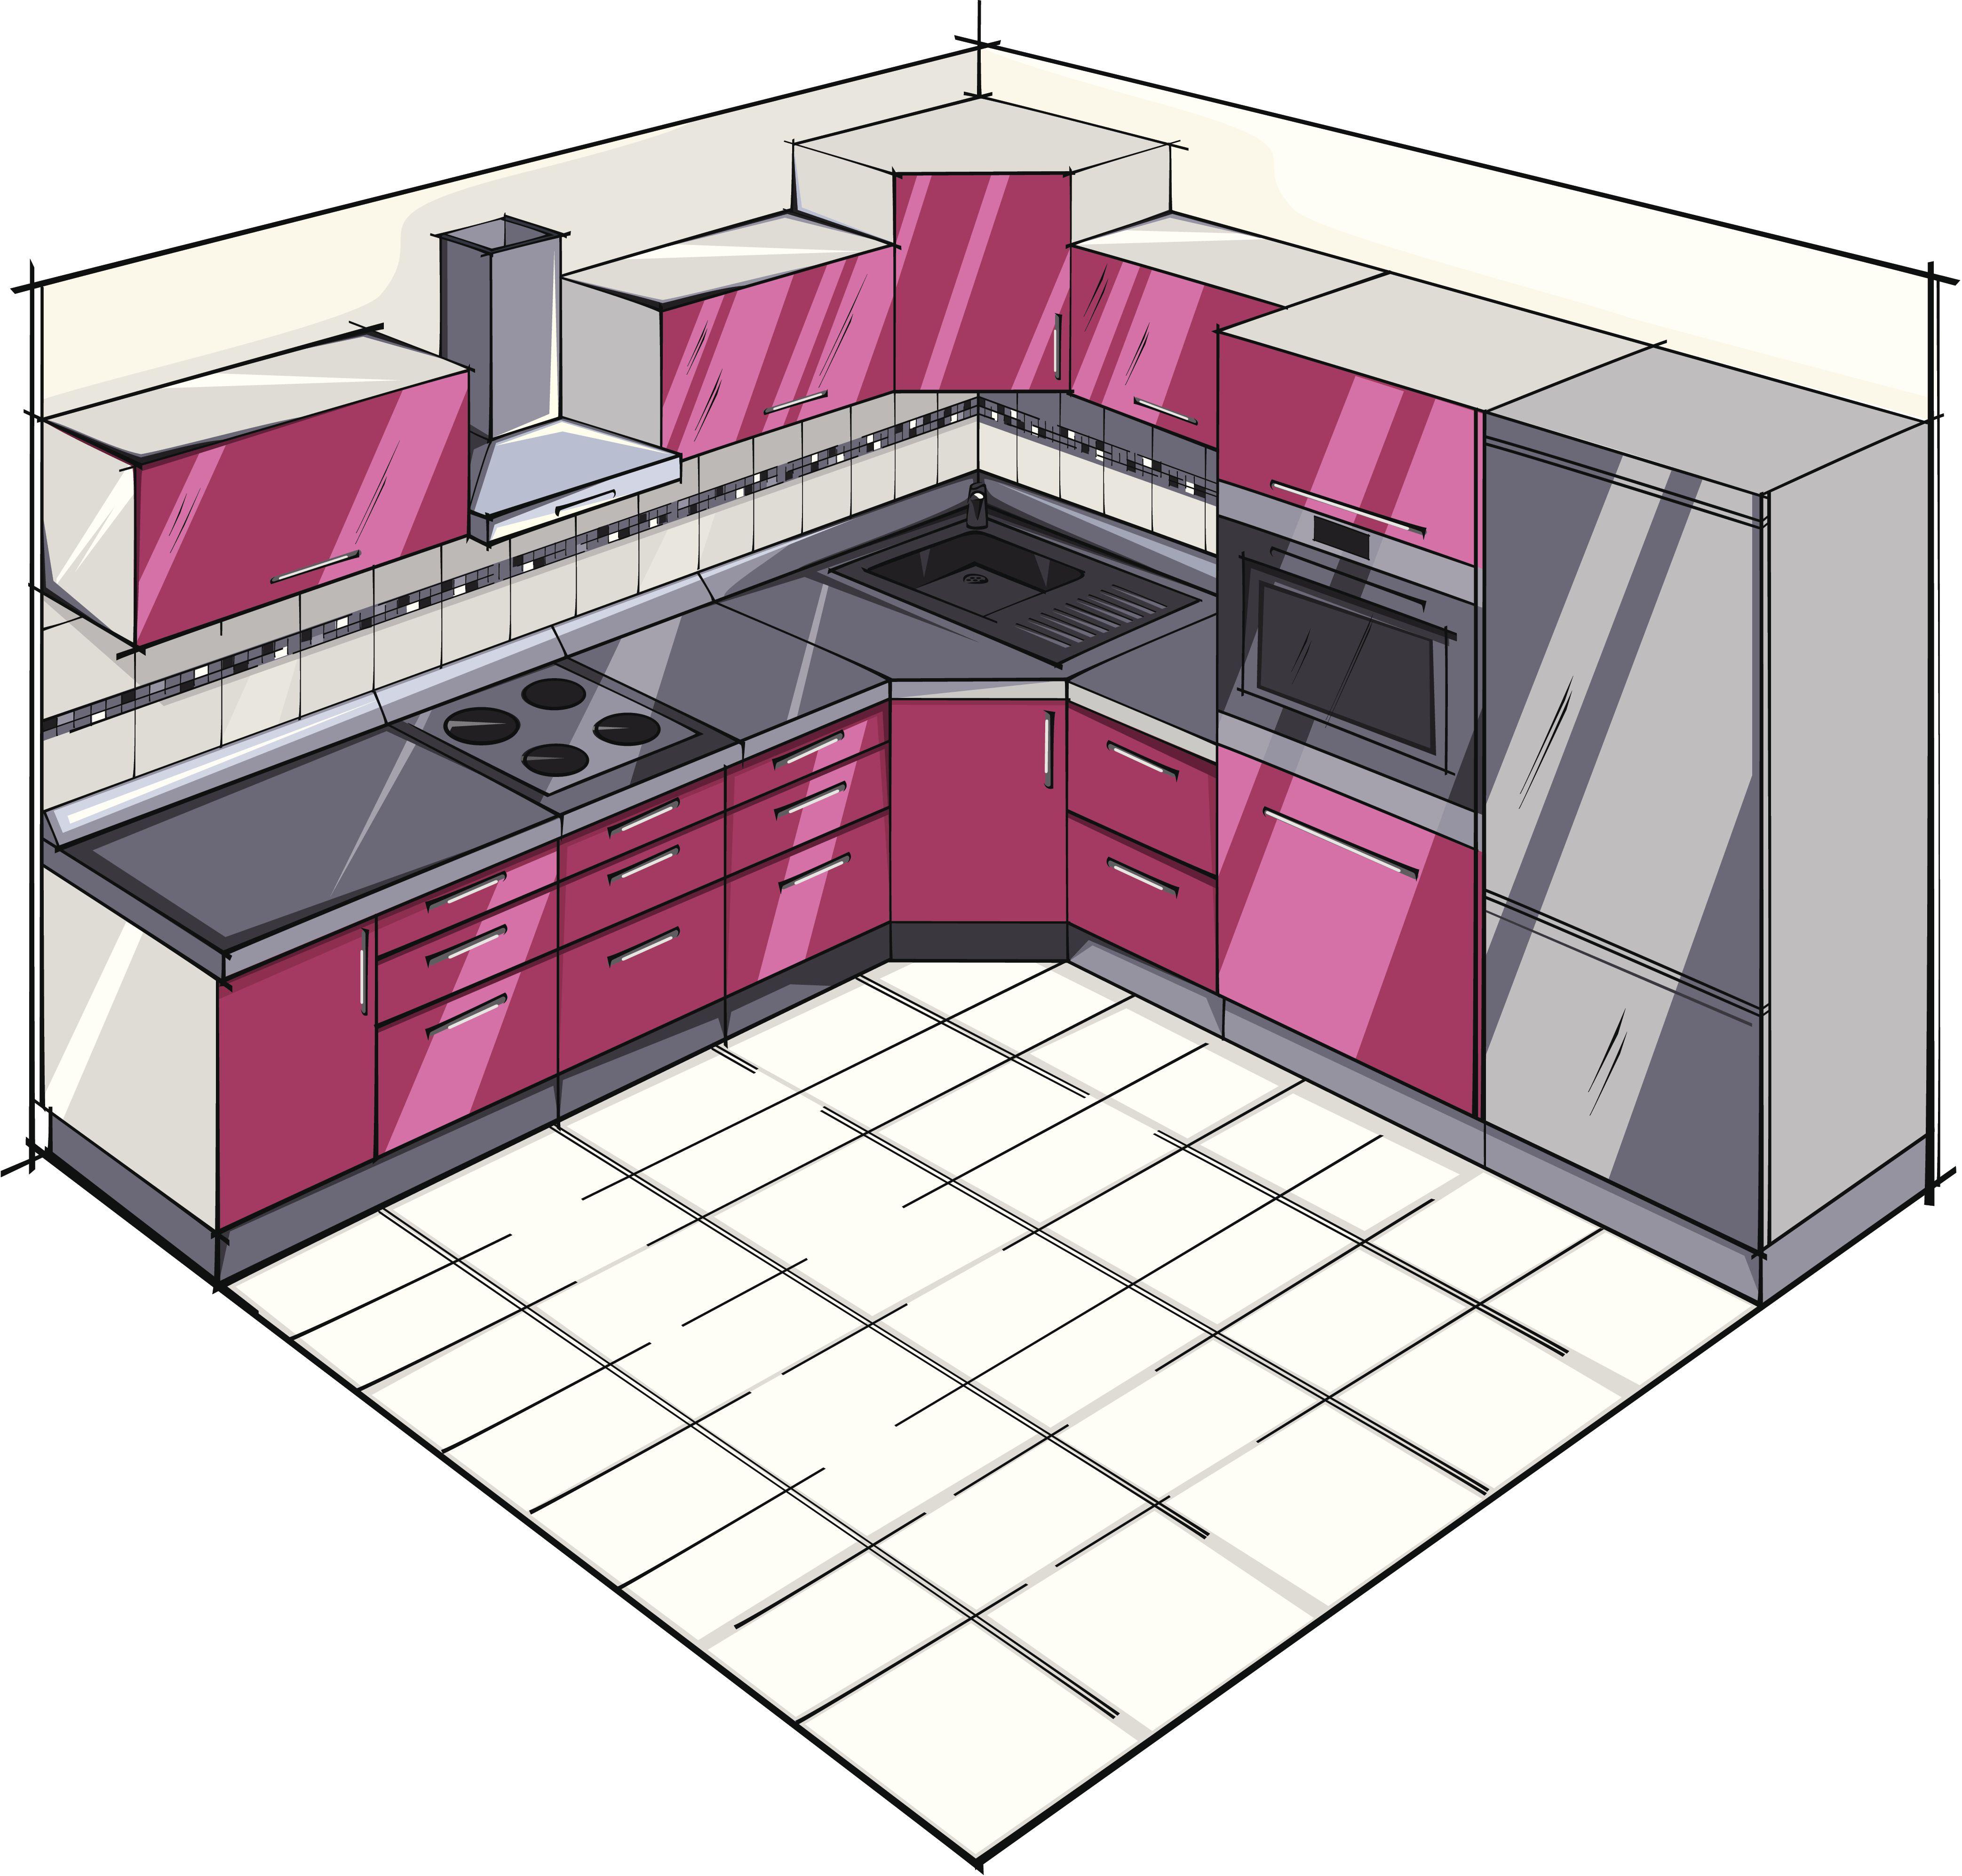 10x12 kitchen floor plans home design for 10 x 12 kitchen floor plans